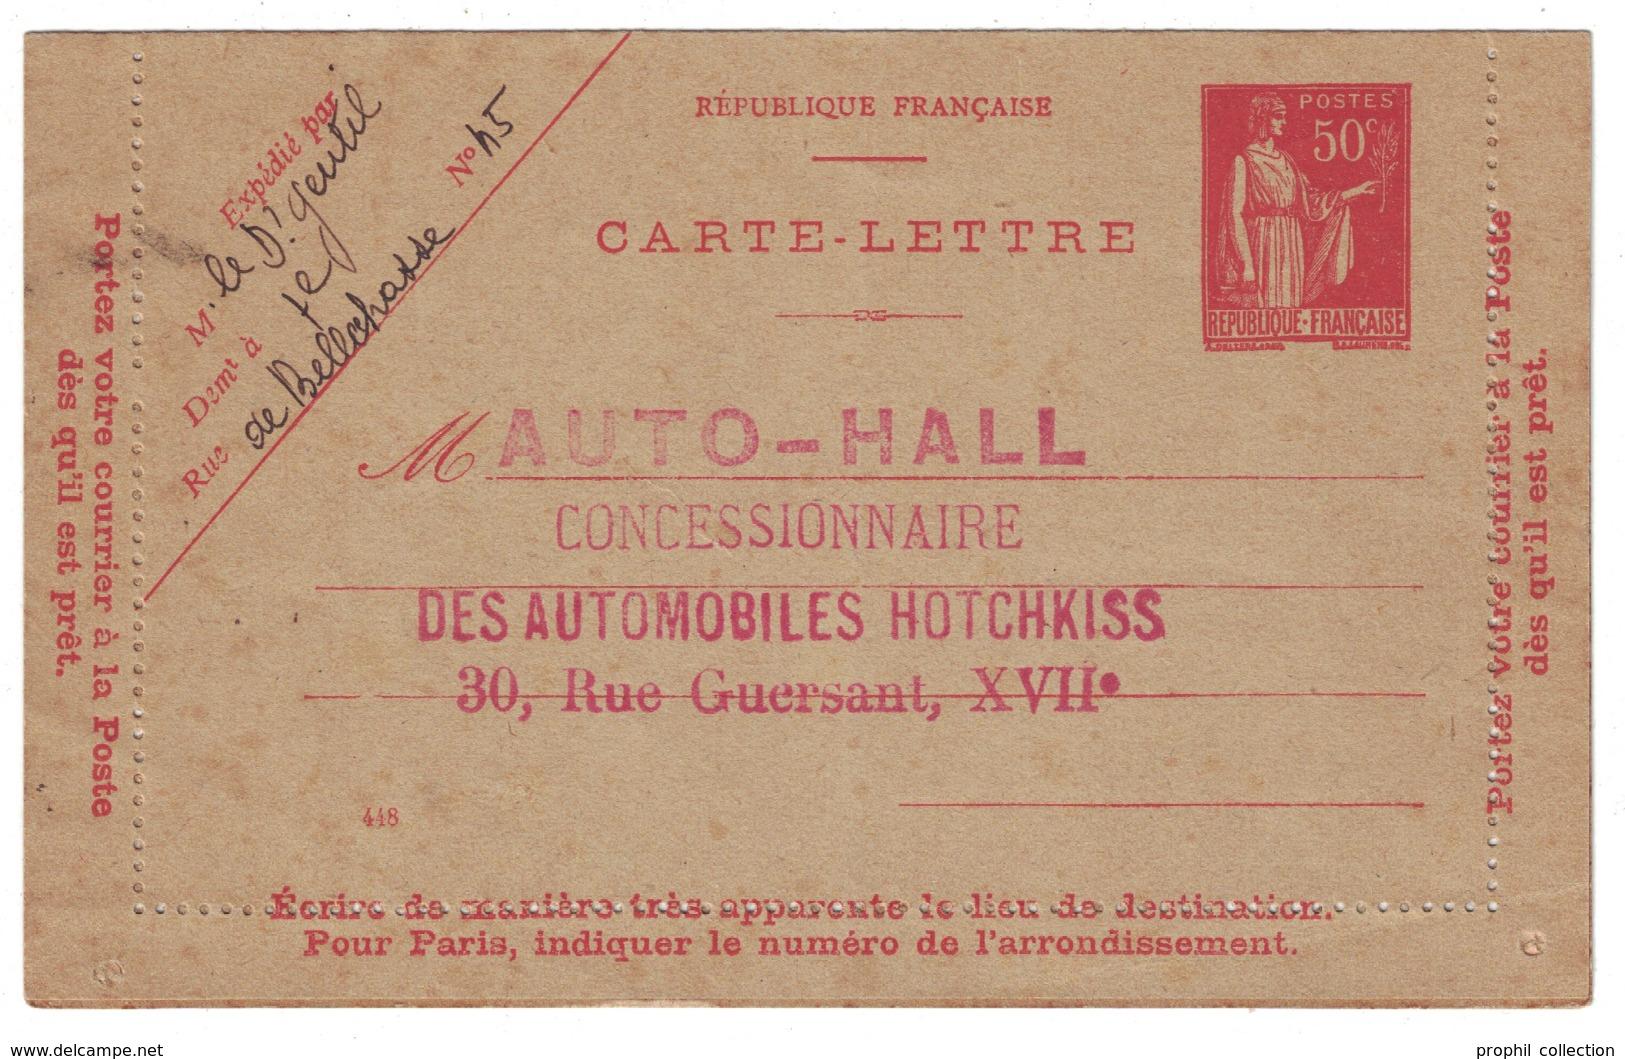 """RARE REPIQUAGE """"AUTO-HALL CONCESIONNAIRE AUTOMOBILES"""" (PARIS) Sur CARTE LETTRE (ENTIER POSTAL) Au TYPE PAIX 50c ROUGE - Entiers Postaux"""